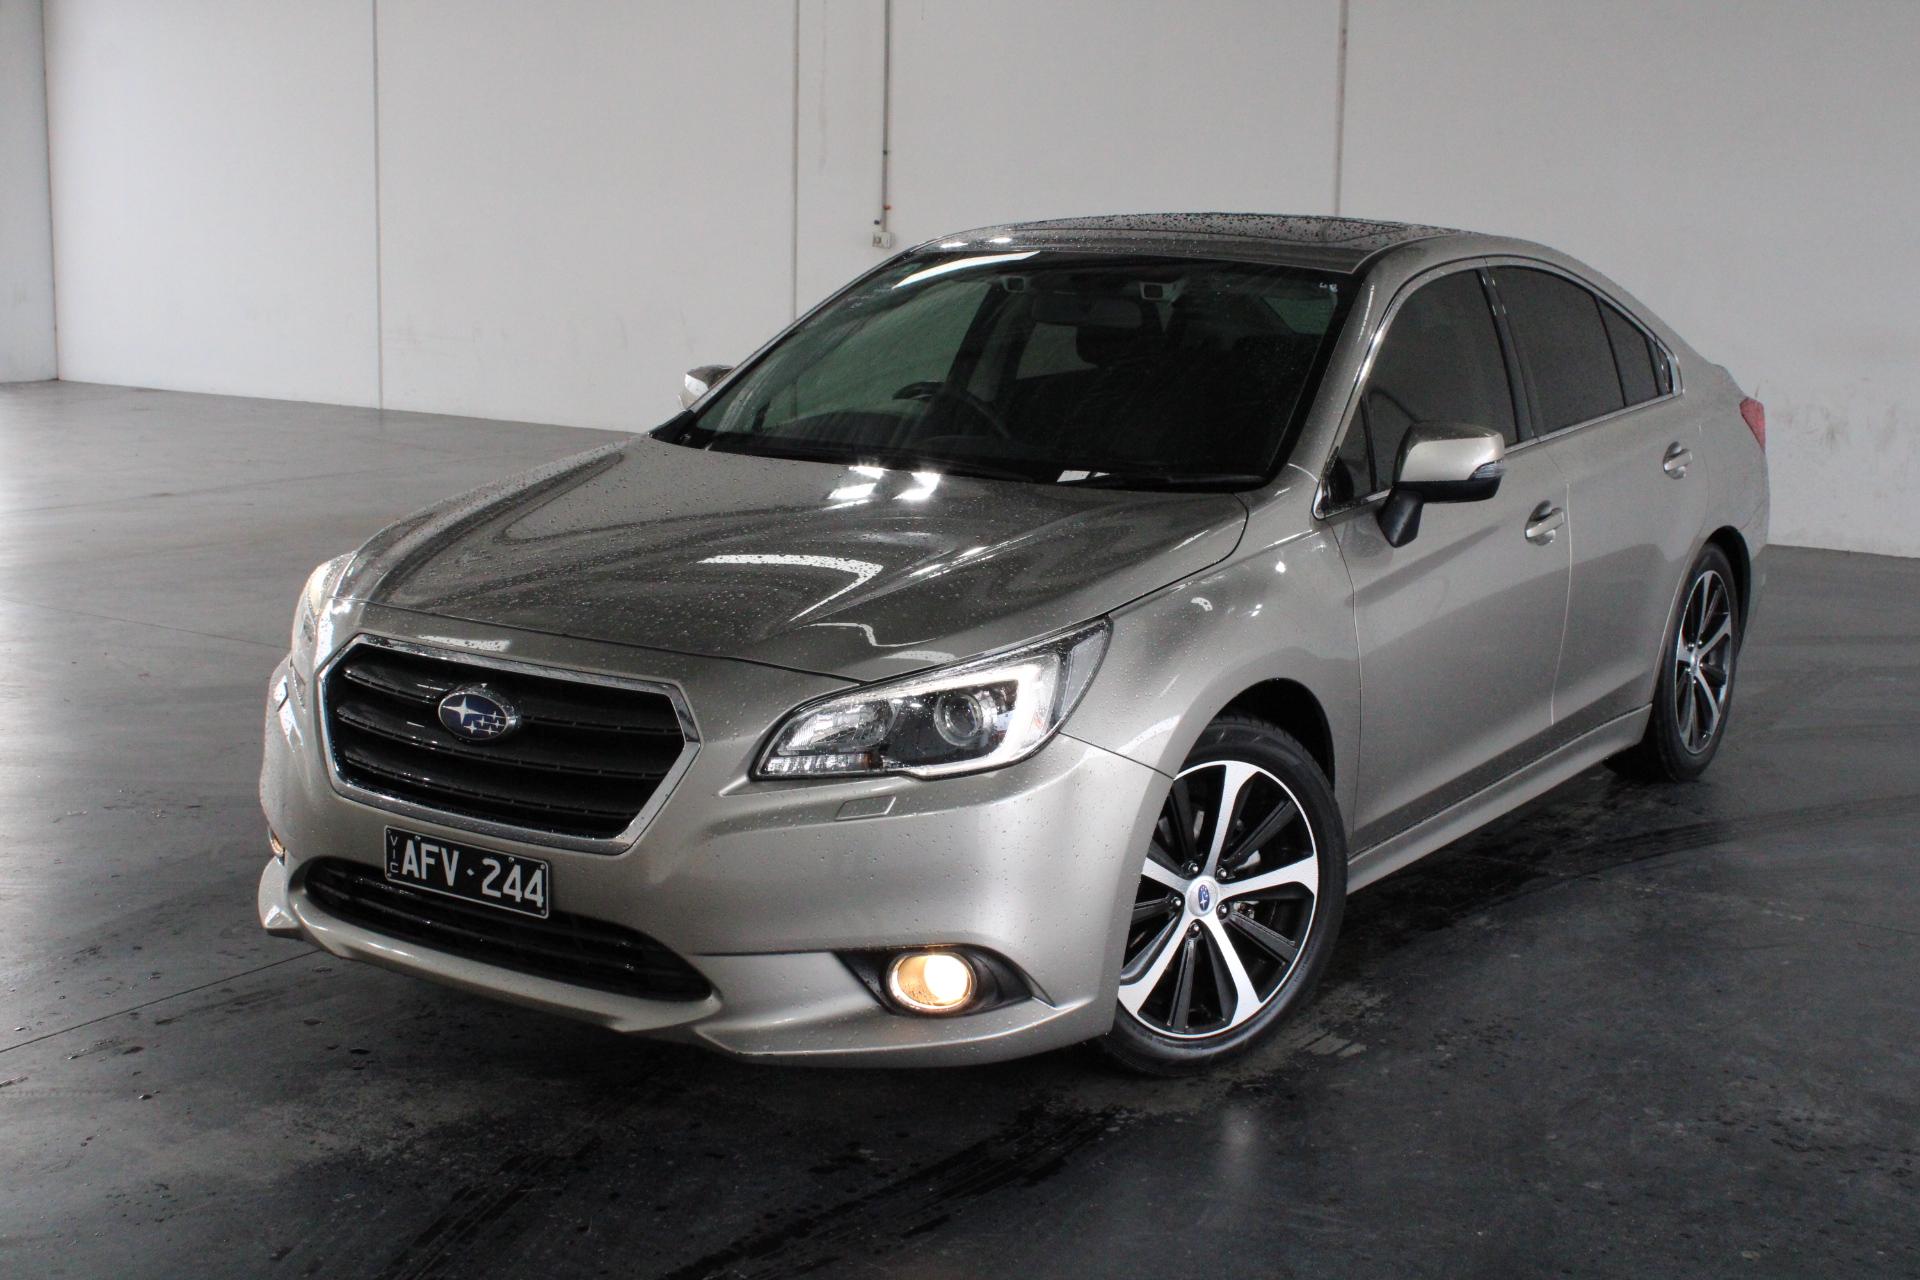 2015 Subaru Liberty 2.5i Premium B6 Automatic Sedan